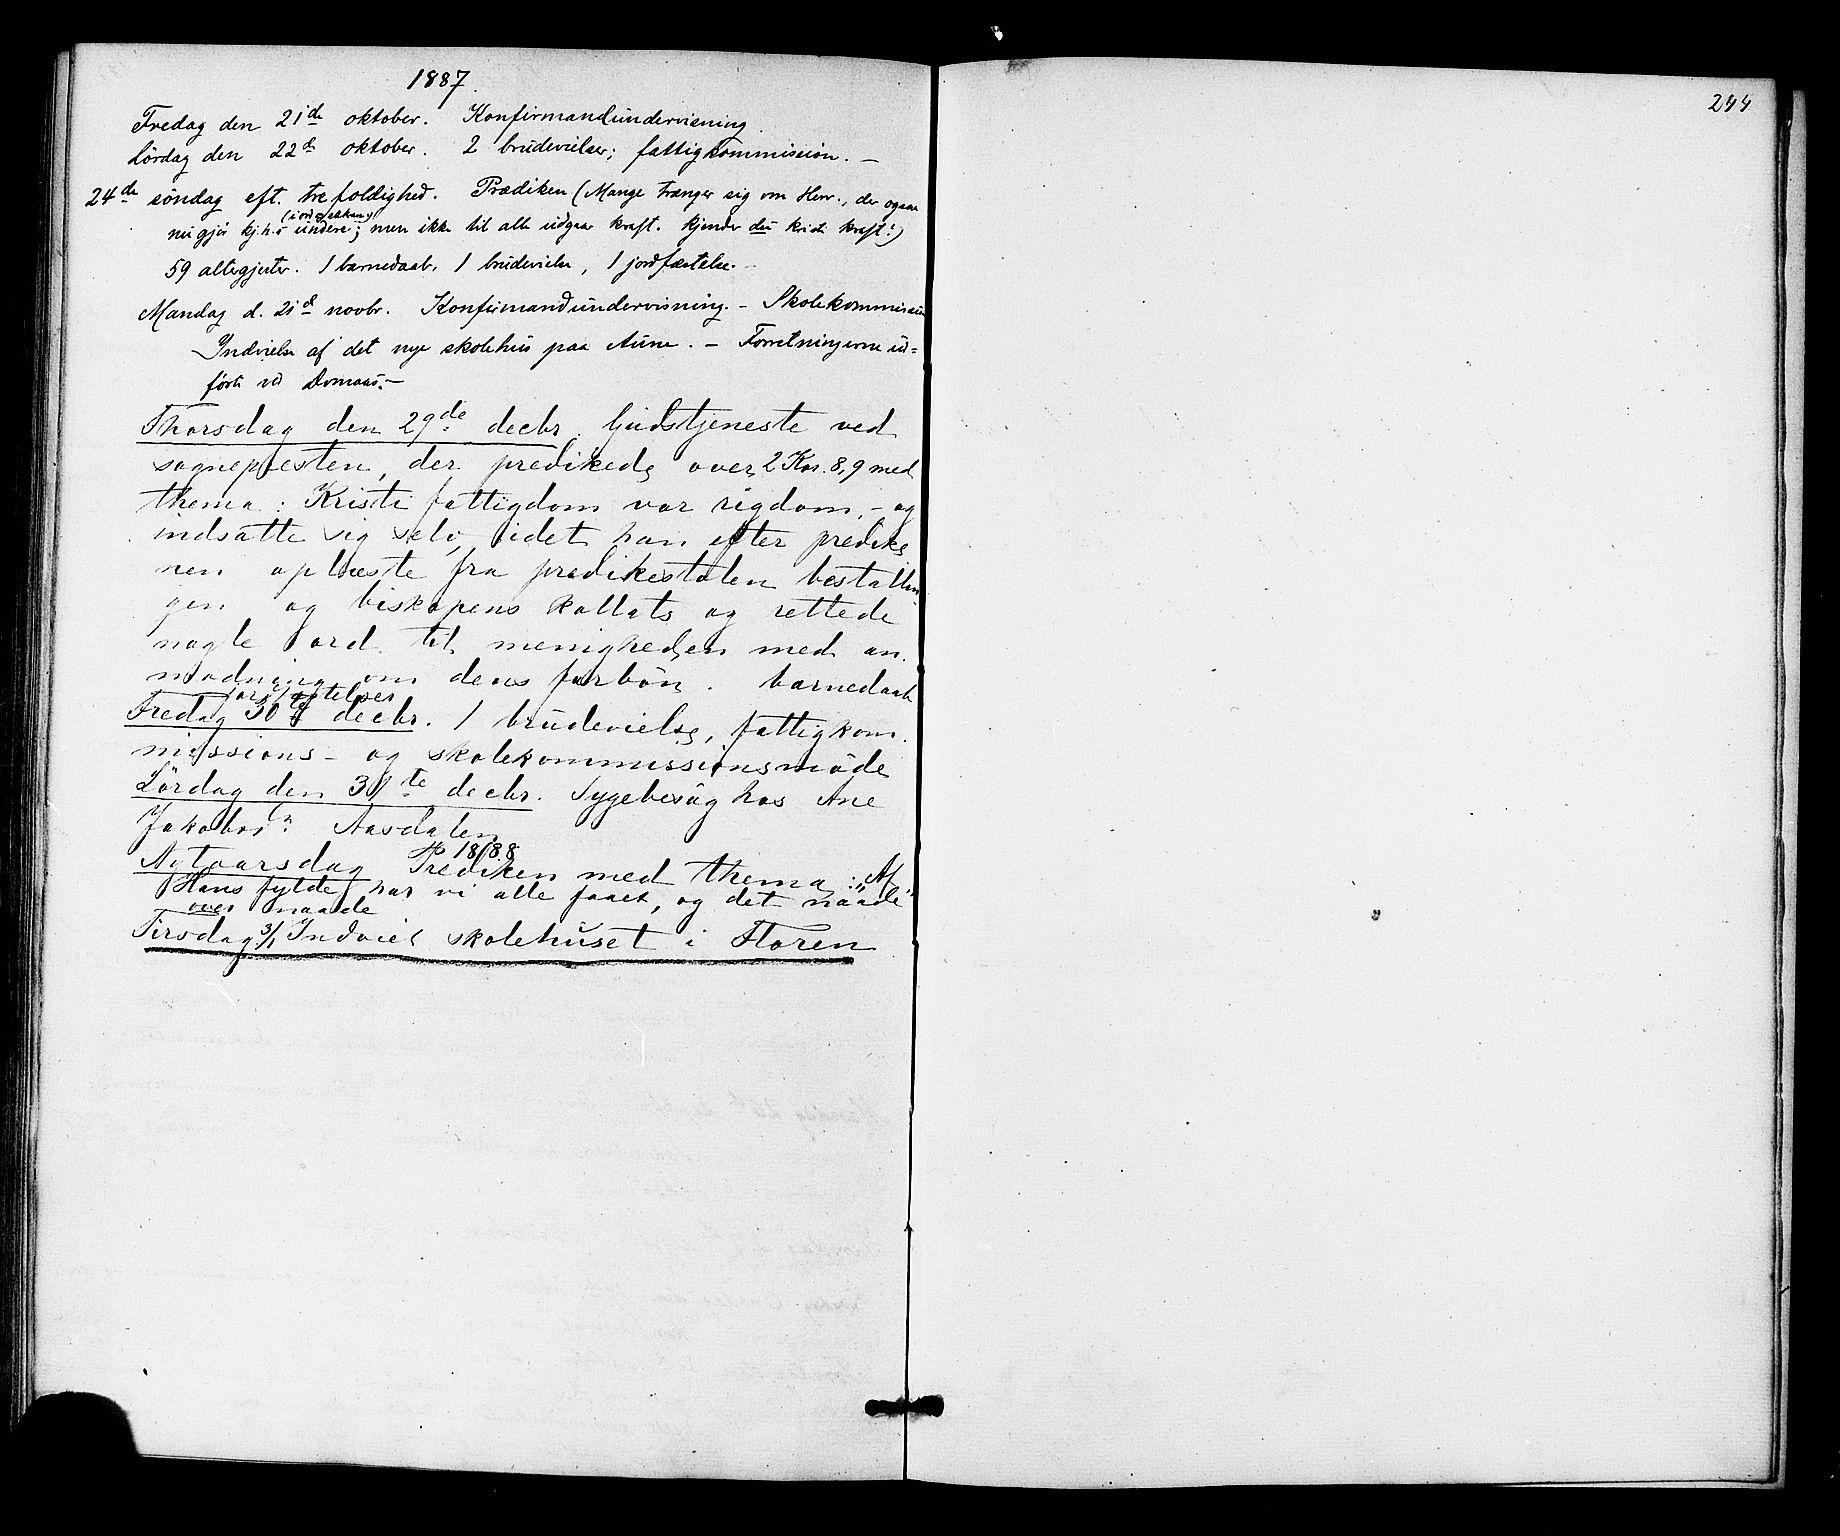 SAT, Ministerialprotokoller, klokkerbøker og fødselsregistre - Sør-Trøndelag, 698/L1163: Ministerialbok nr. 698A01, 1862-1887, s. 244